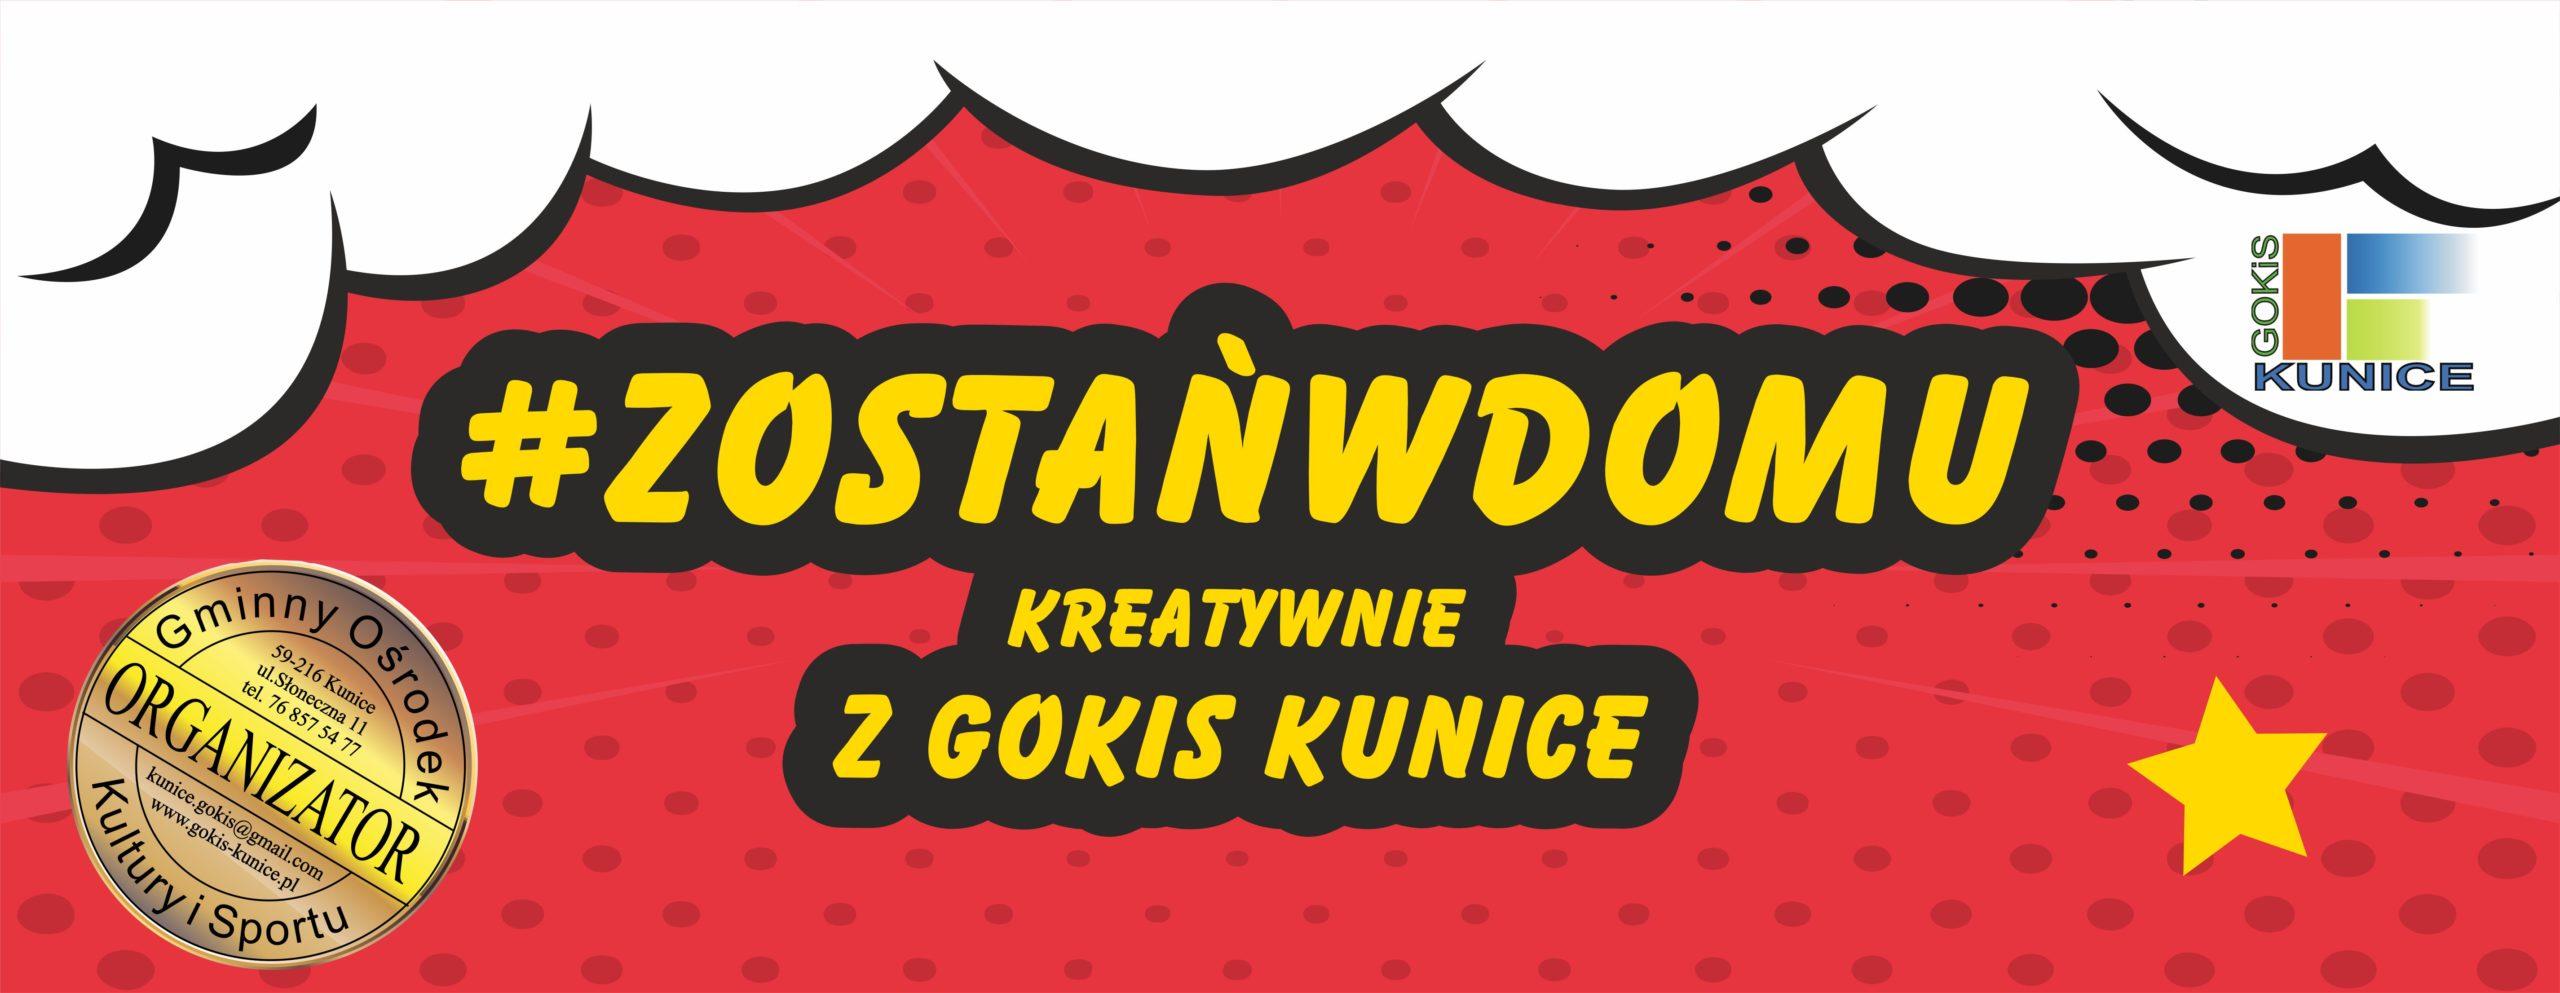 http://www.gokis-kunice.pl/imprezy/zostanwdomu/